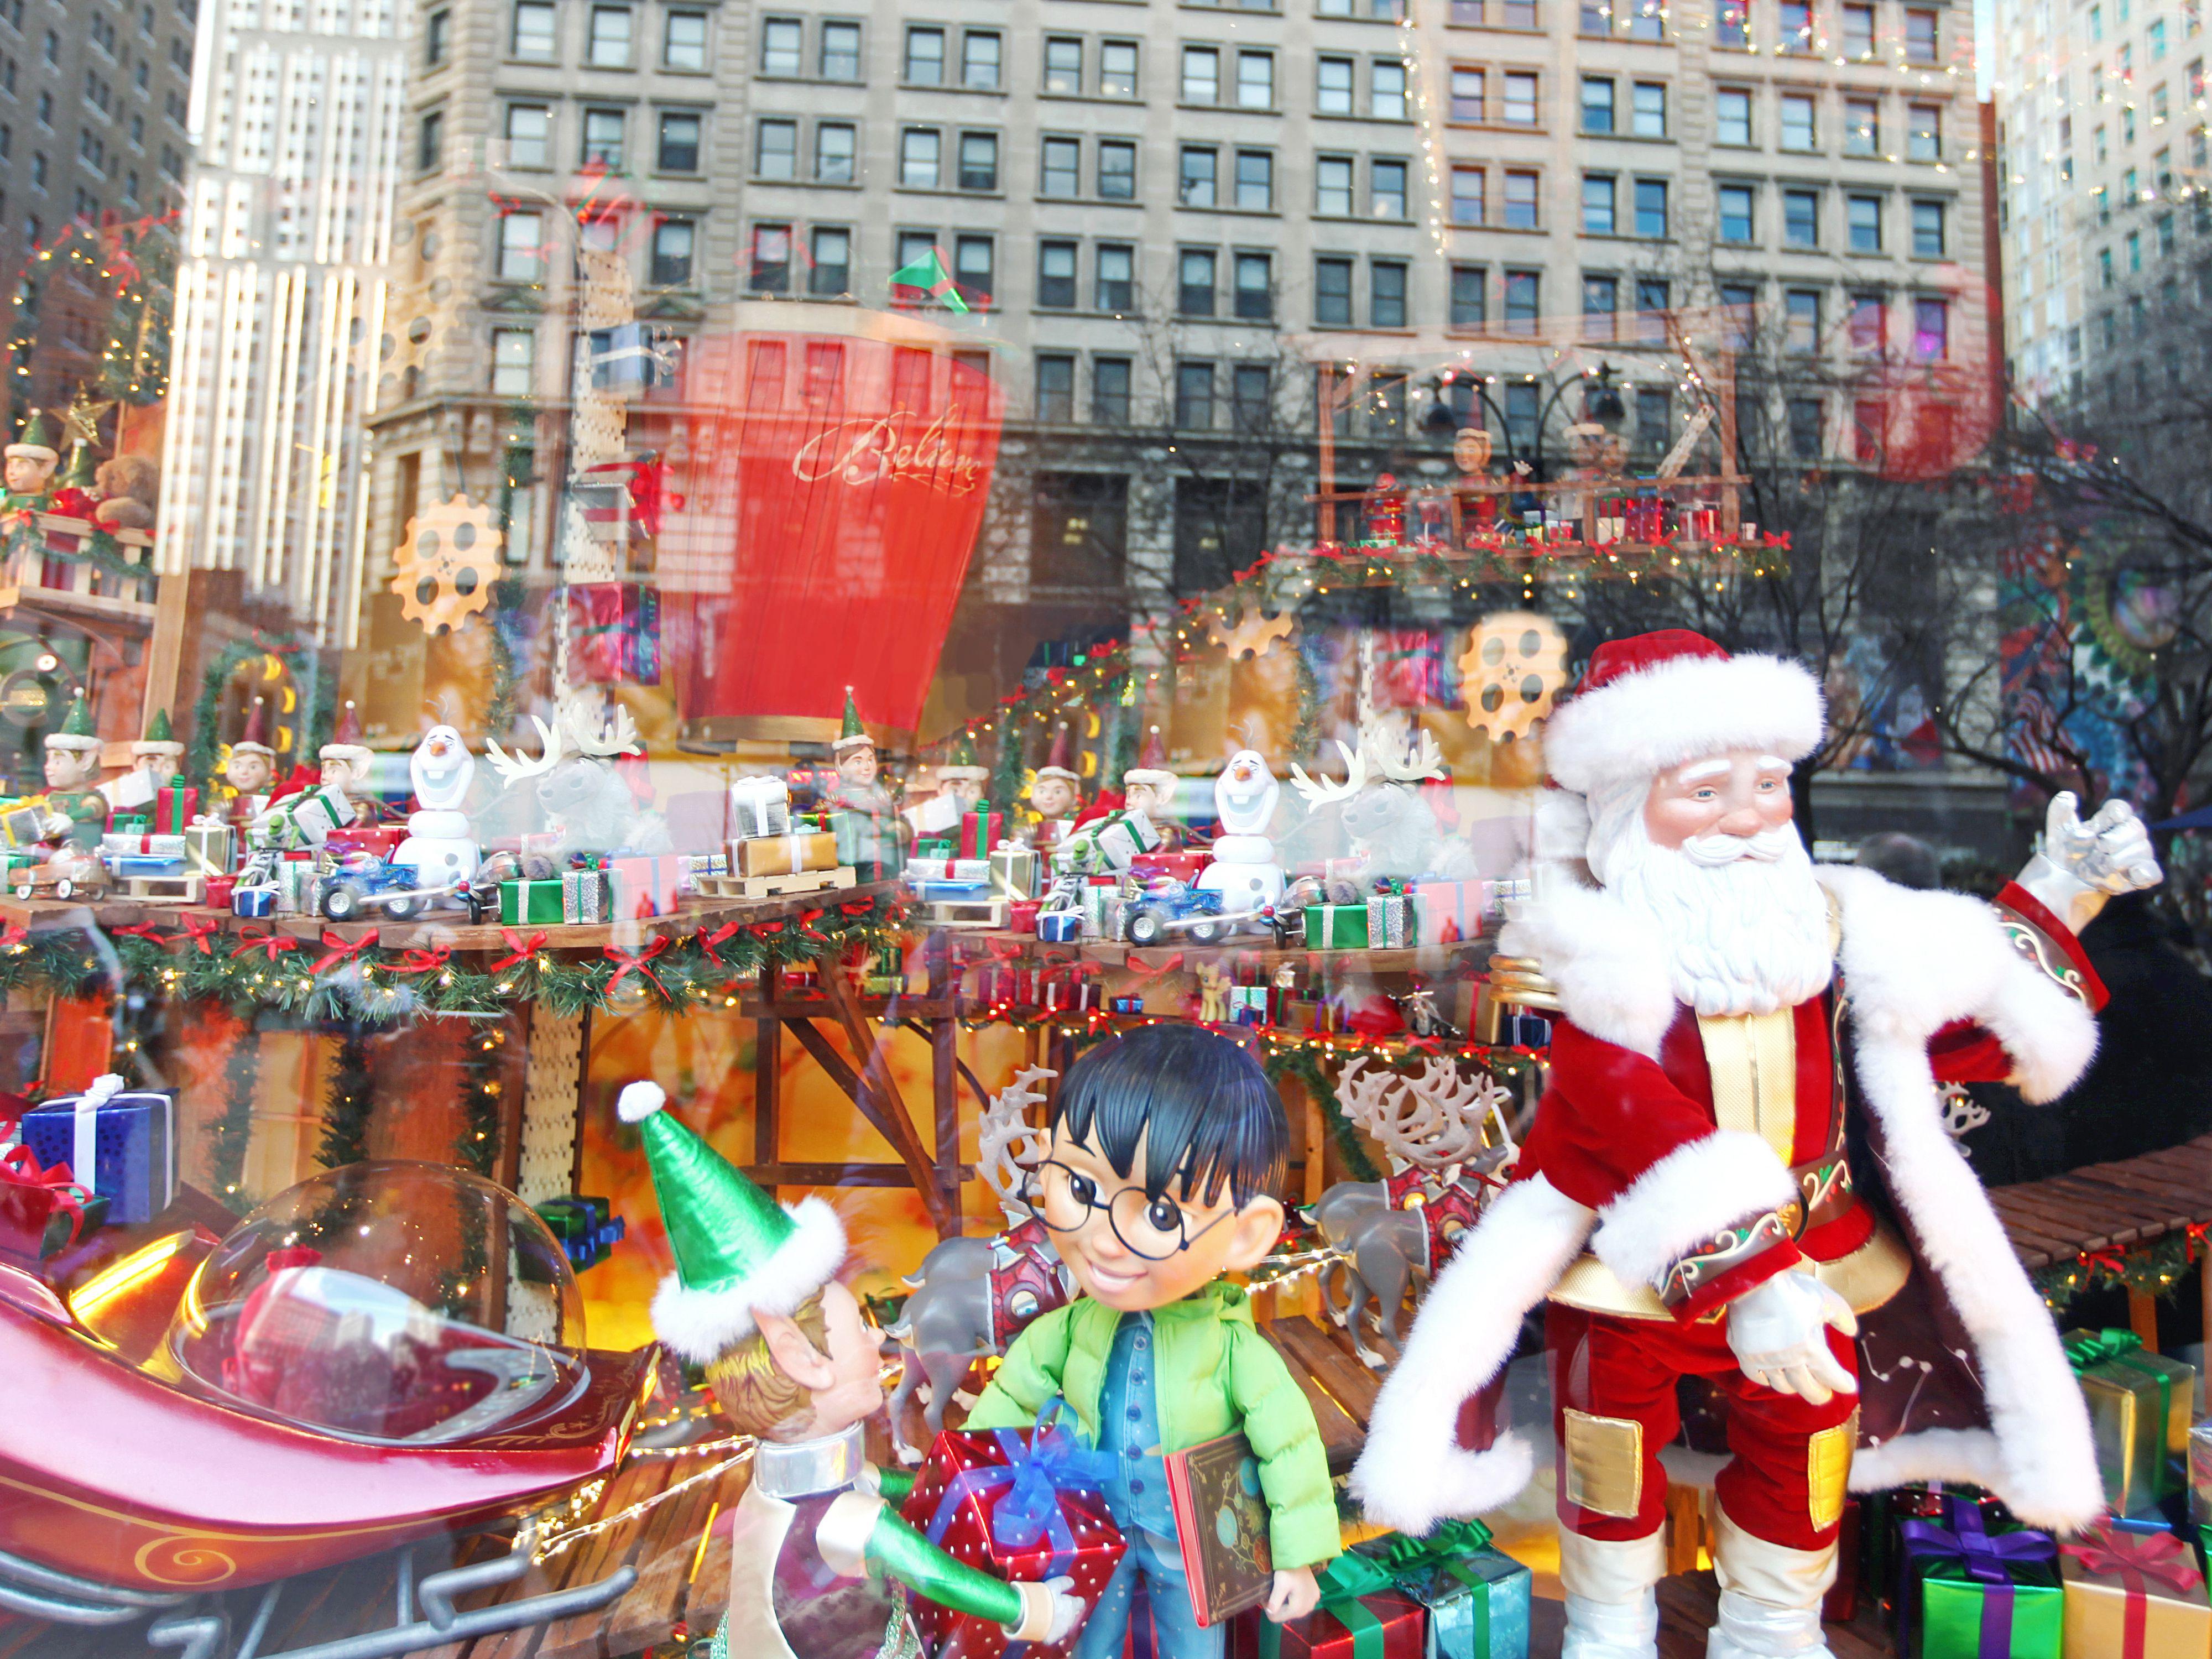 Visiting Santa at Macy's Santaland in New York City